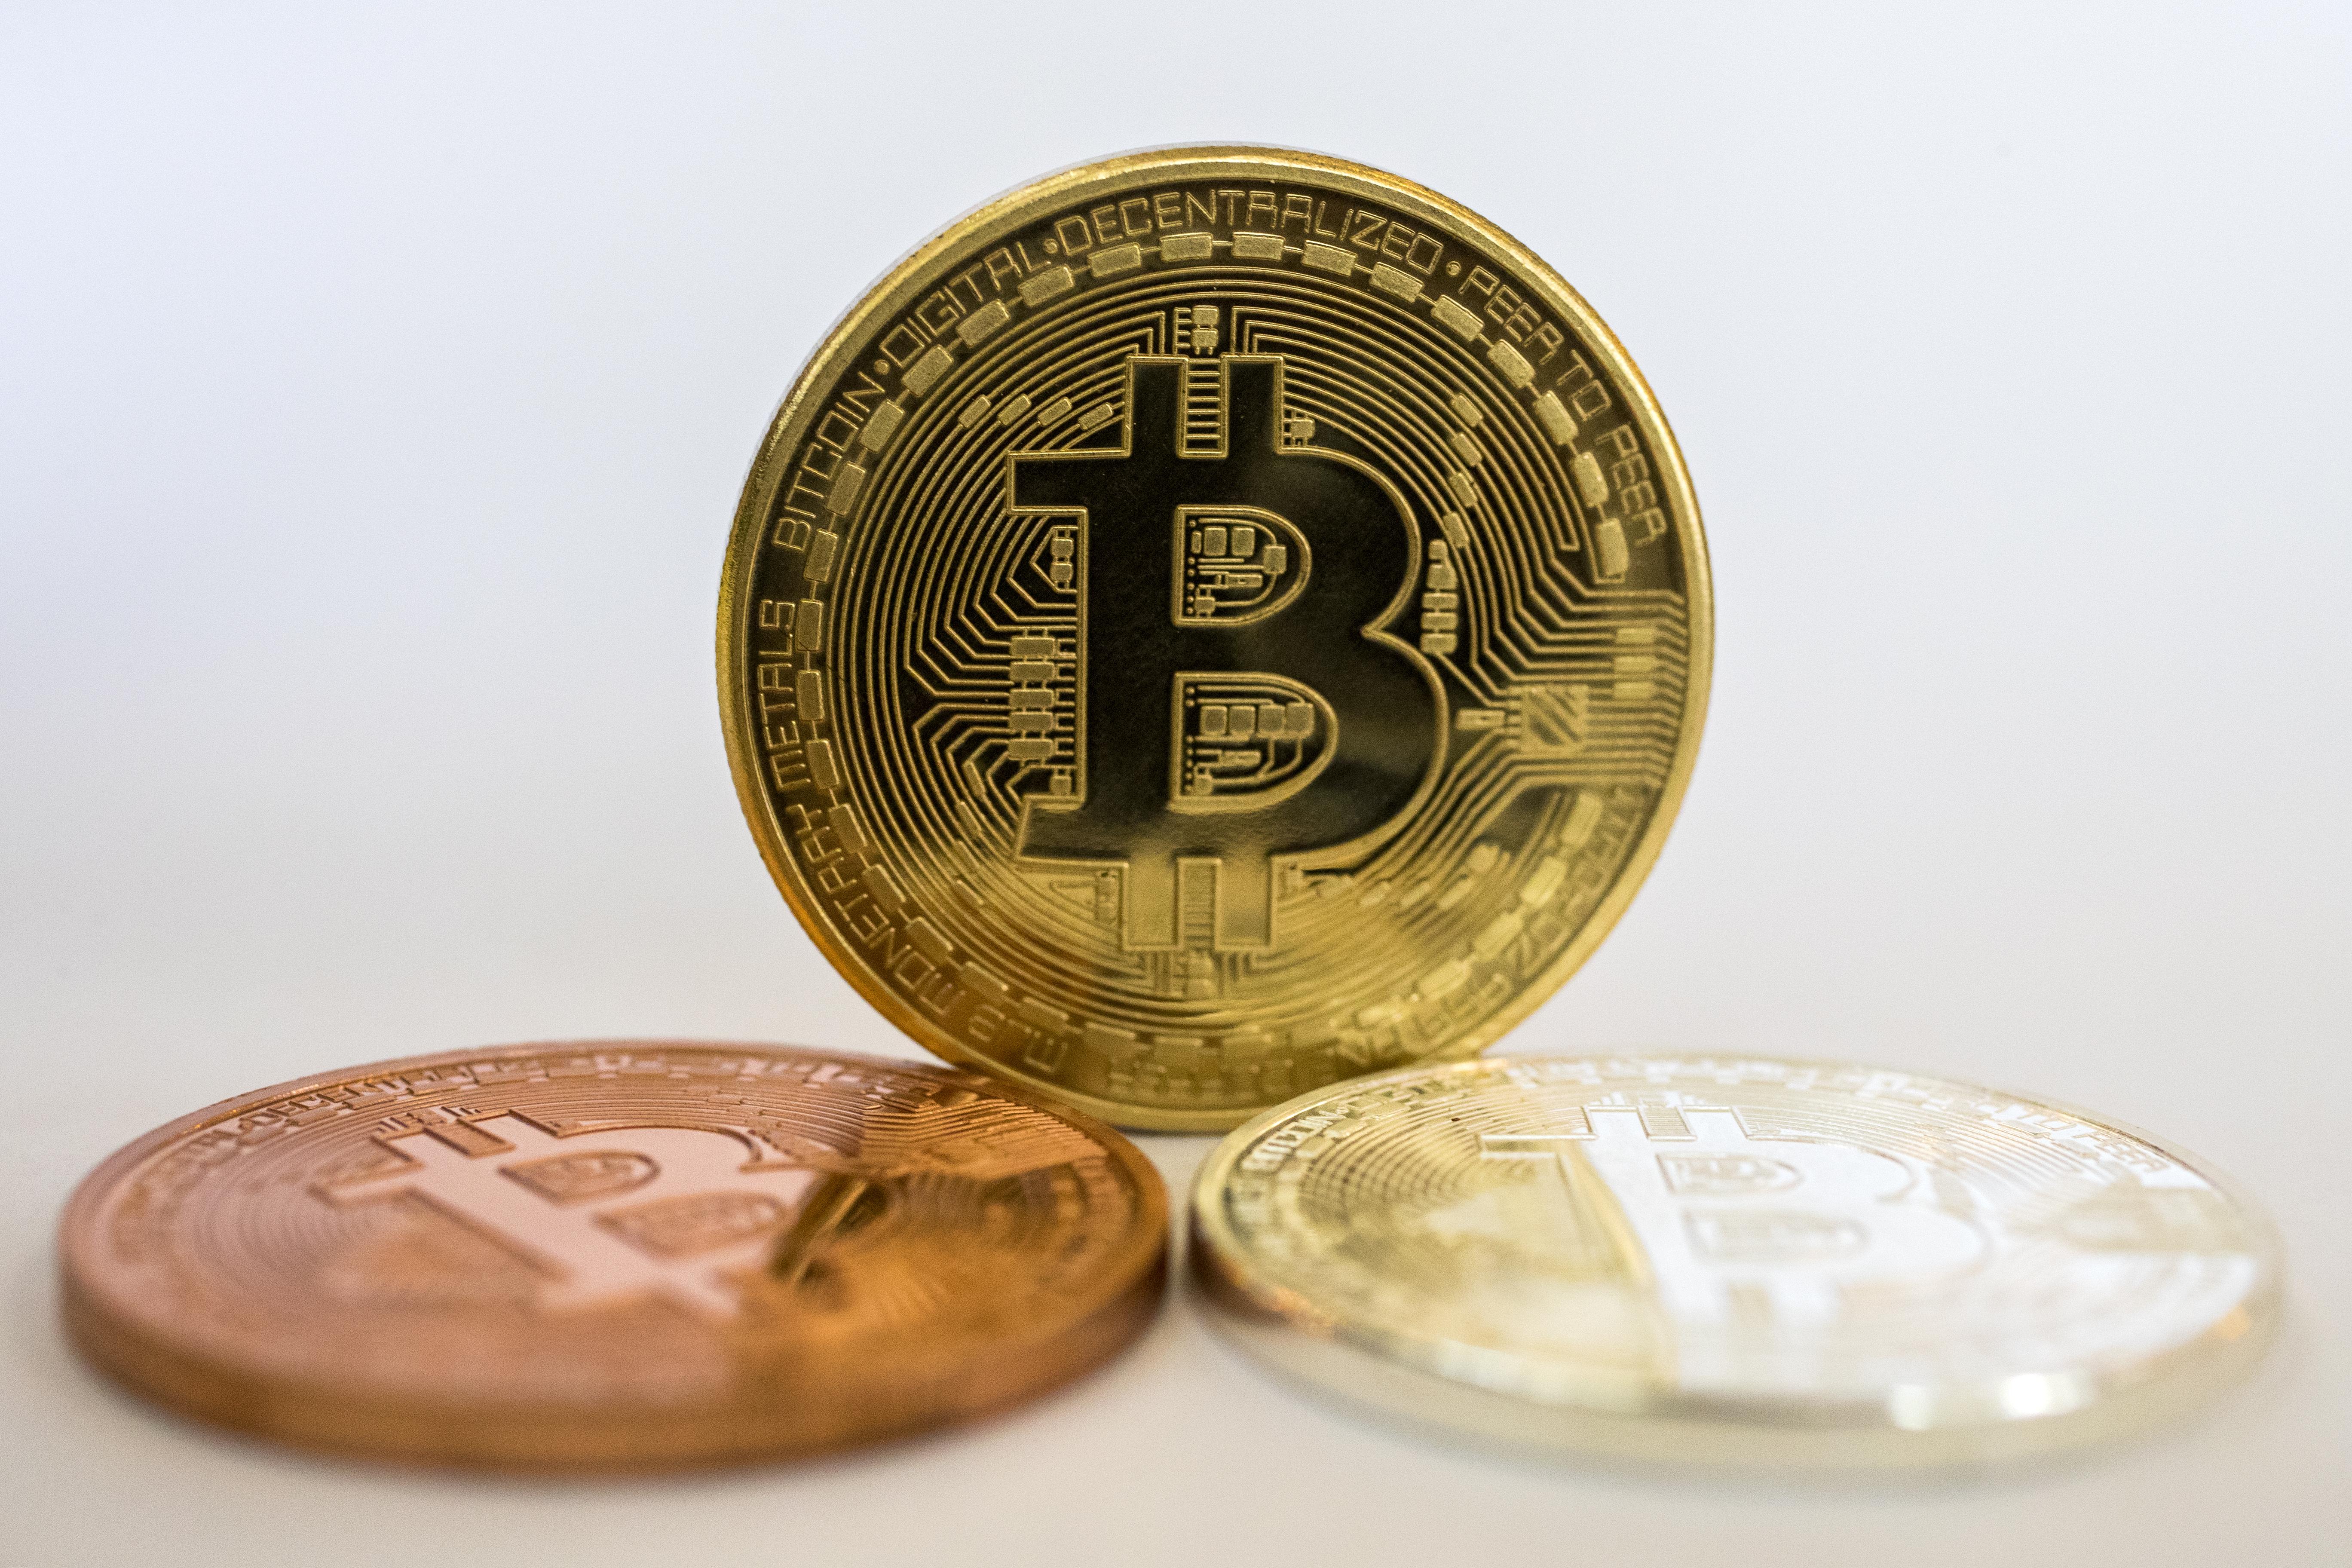 全球最知名的虛擬貨幣比特幣價格暴跌,本週二下跌10%,跌穿4,300美元,創今年來最低價位,一週內跌幅達25%。圖為示意照。 (AFP)